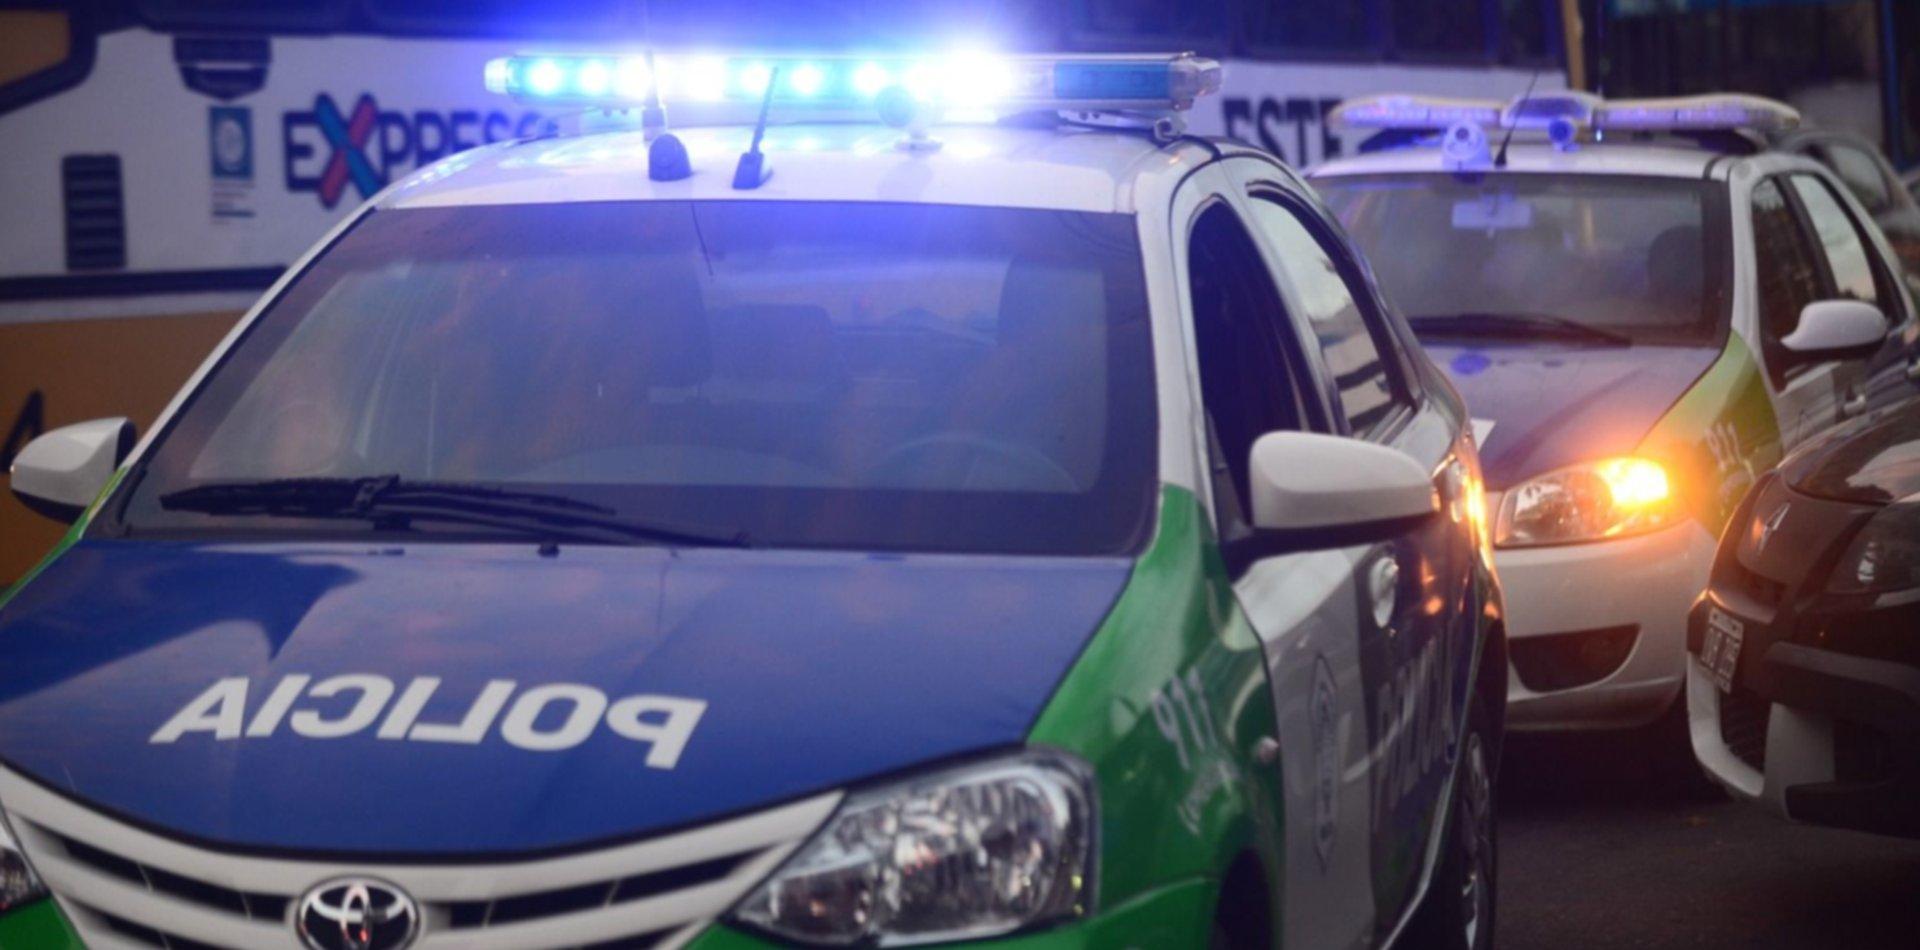 Choque, persecución y pelea con policías en un procedimiento en La Plata